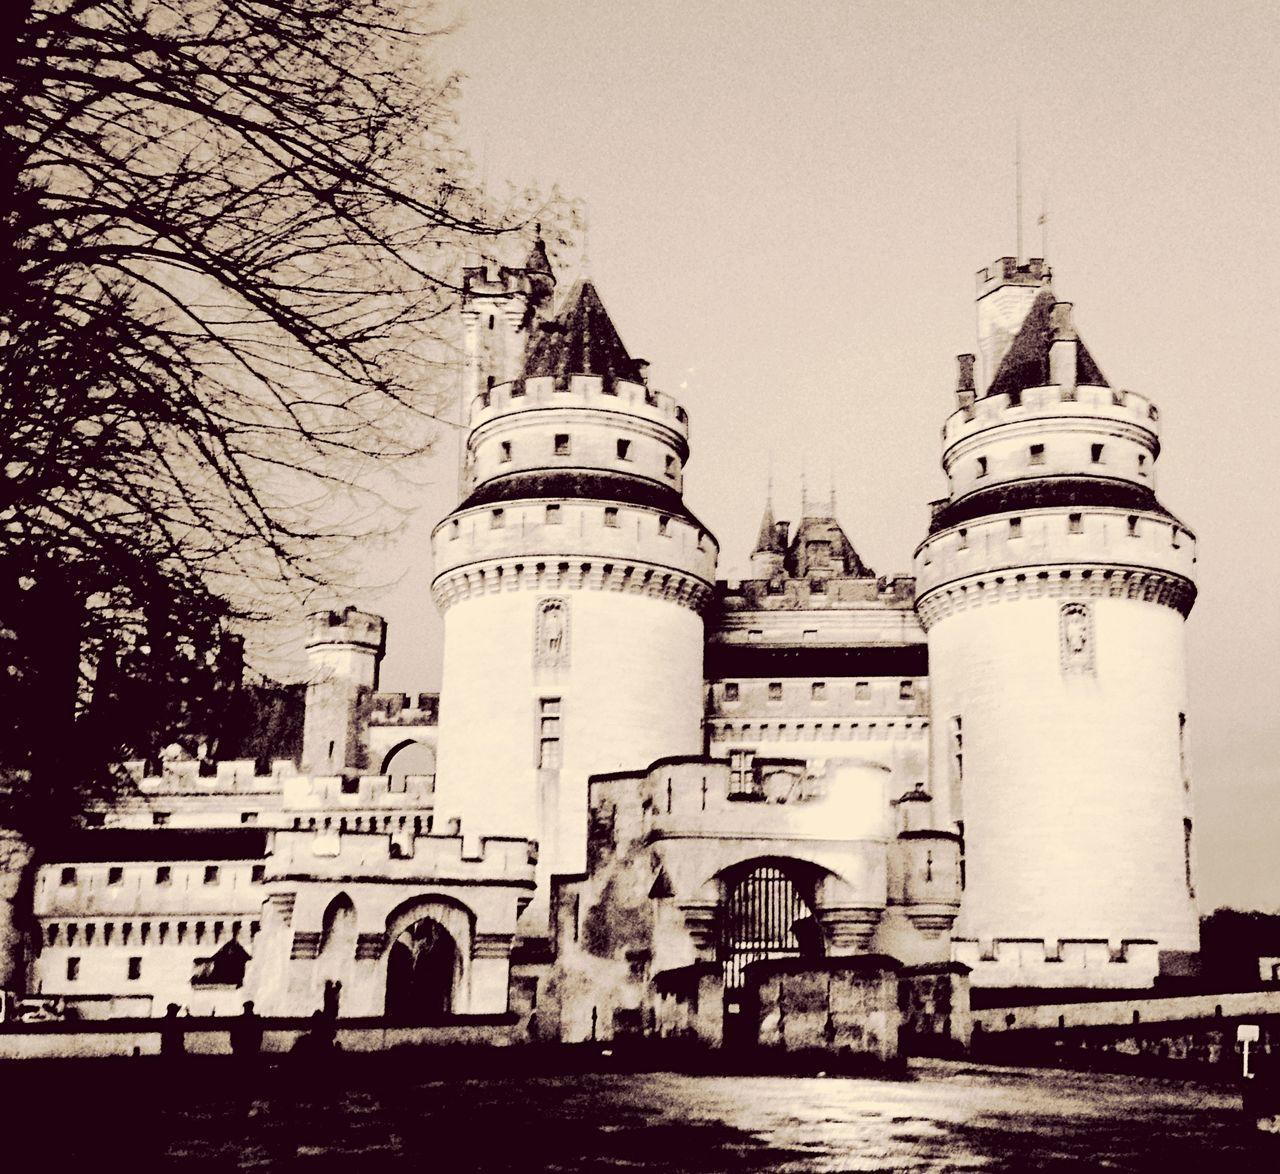 France Picardie Oise  Château Pierrefonds Architecture AgilPhoto Donjons Noiretblanc Châteaudepierrefonds Violletleduc Castle Picardy compiegnois Renaissance